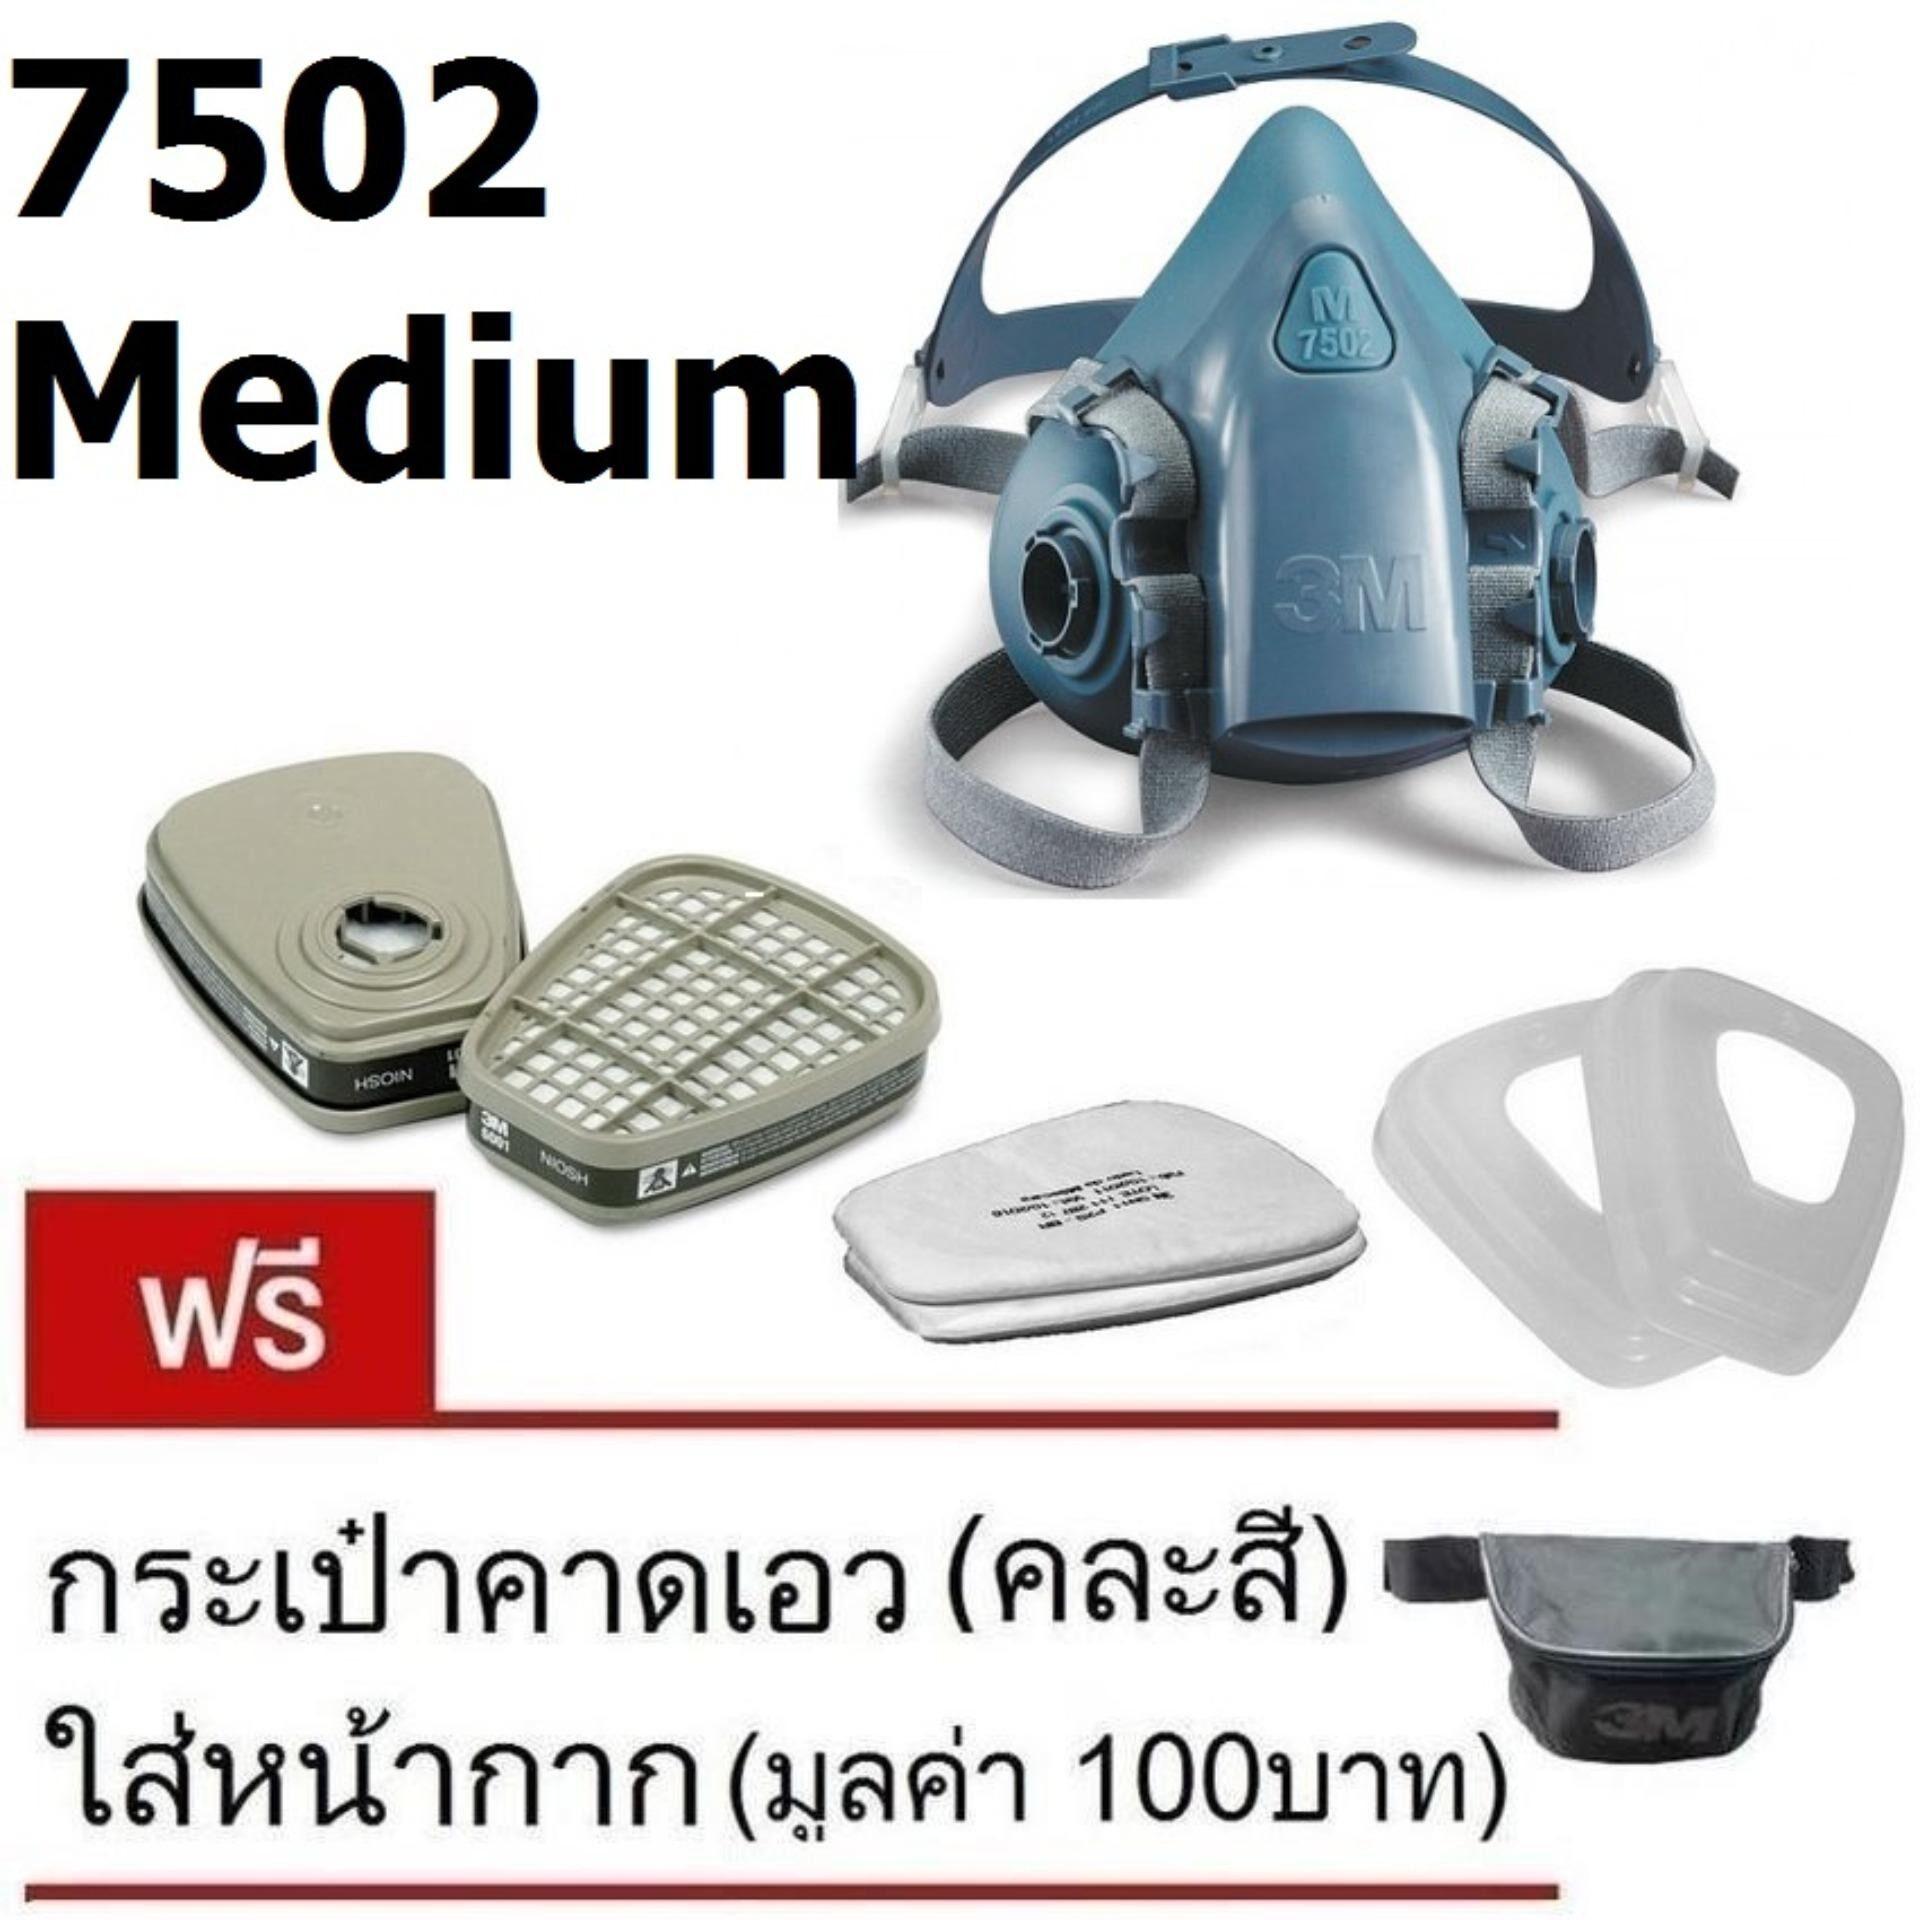 3M 7502 Medium ซิลิโคนครึ่งหน้า ชนิดกรองคู่, ตลับกรอง, แผ่นกรองฝุ่น, ฝาครอบ แถม กระเป๋า